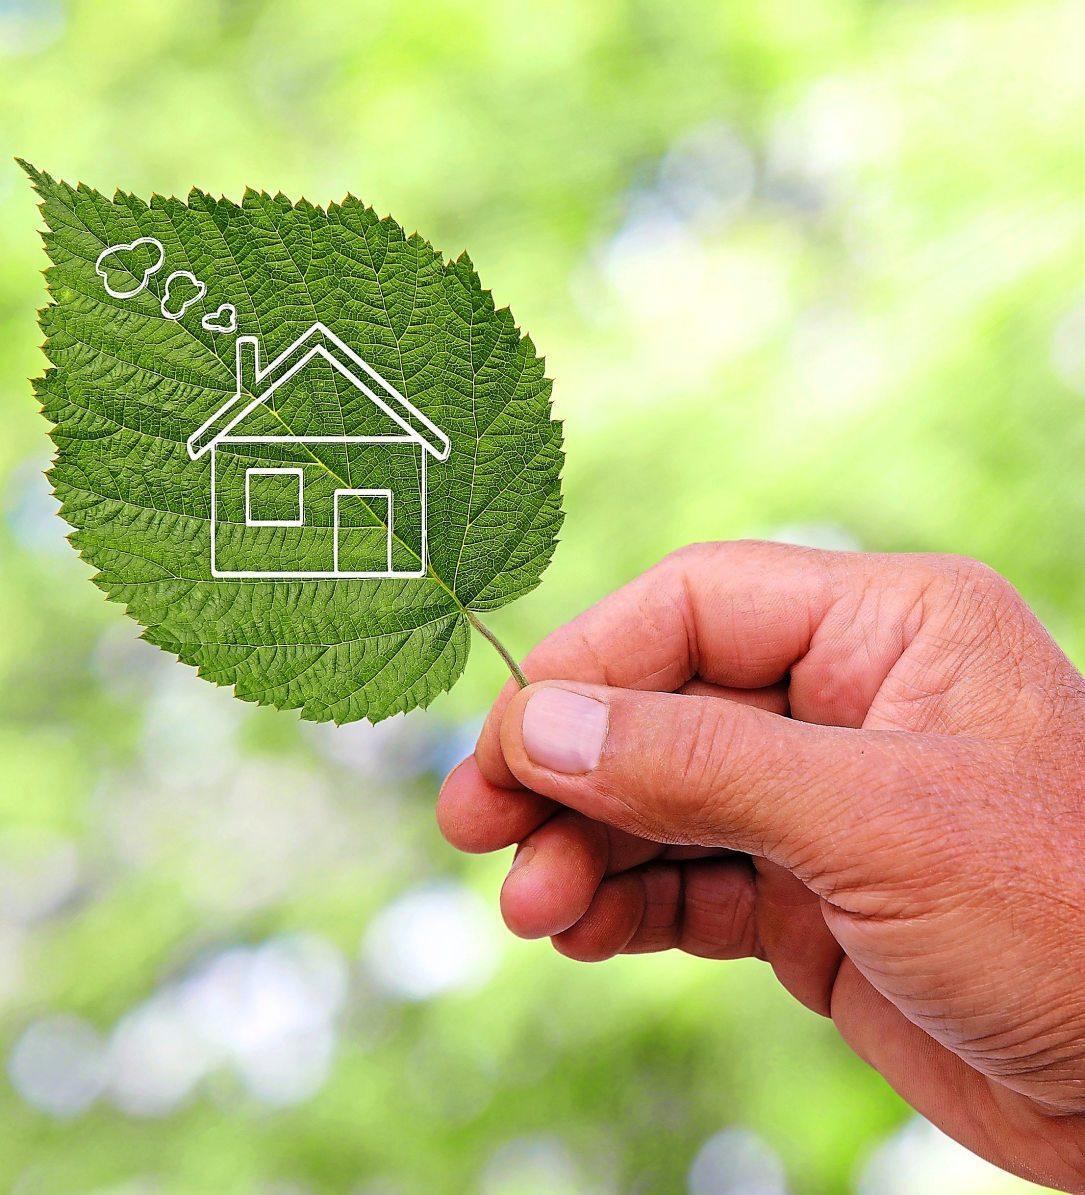 Je energieeffizienter Bürger ihre Häuser bauen, desto größer ist ihr Beitrag zum Klimaschutz. Foto: Getty Images